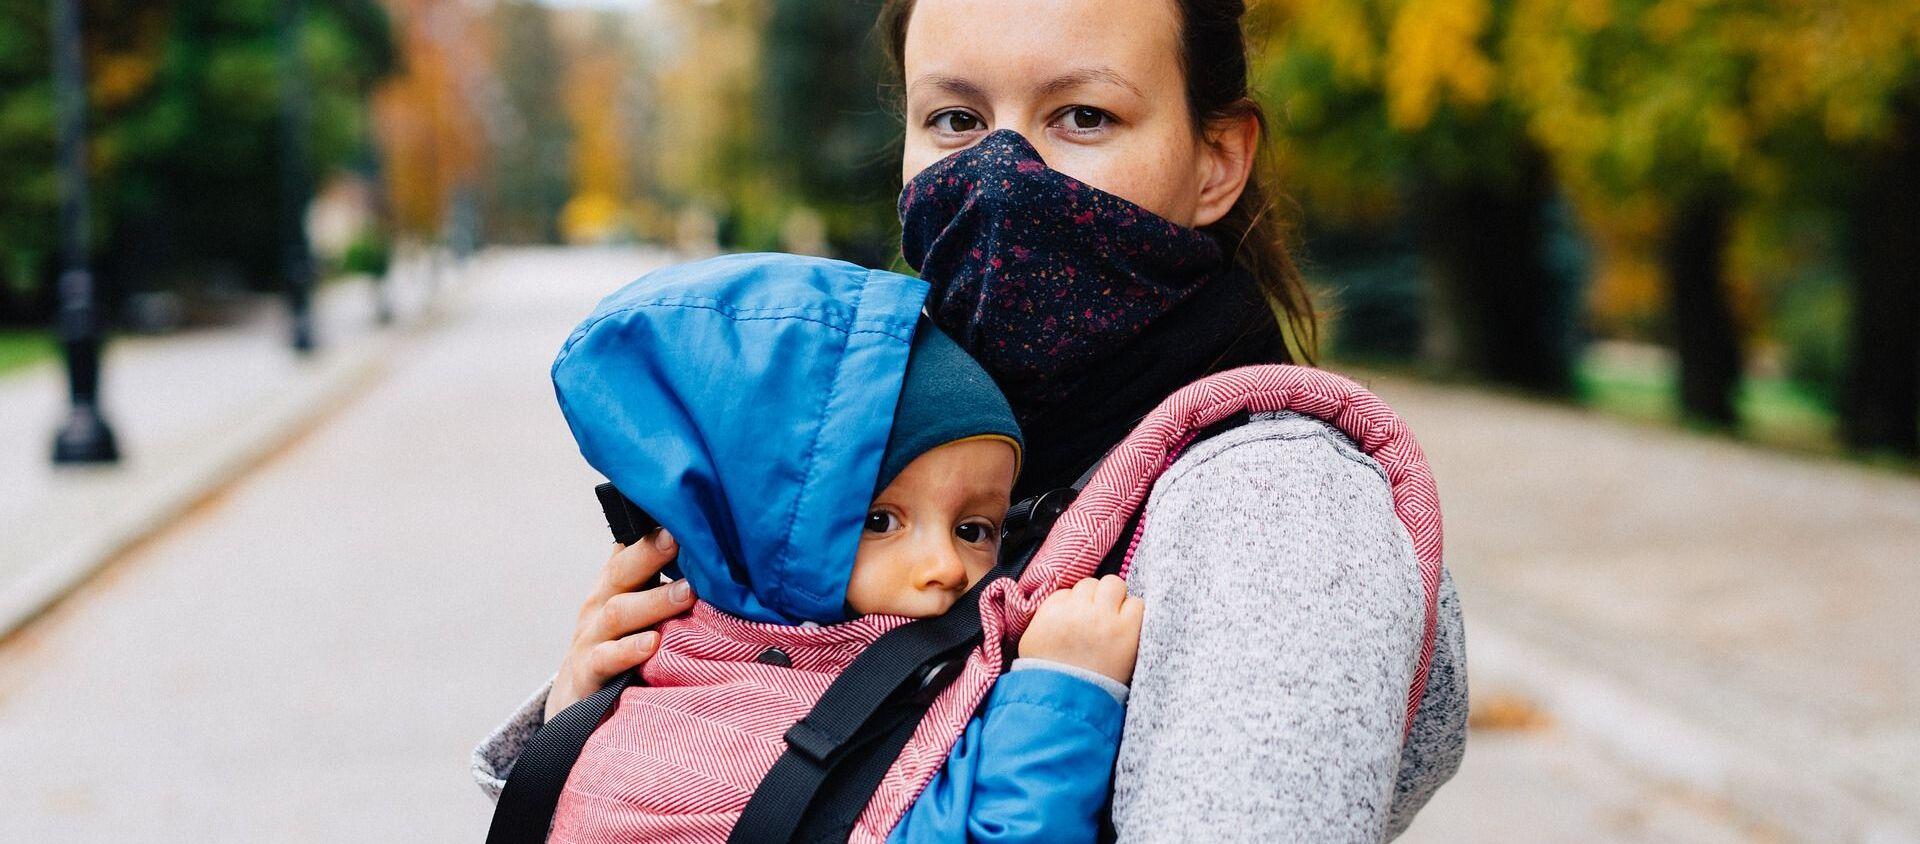 Пандемия коронавируса - мама и ребенок, мама в маске - Sputnik Грузия, 1920, 09.07.2021